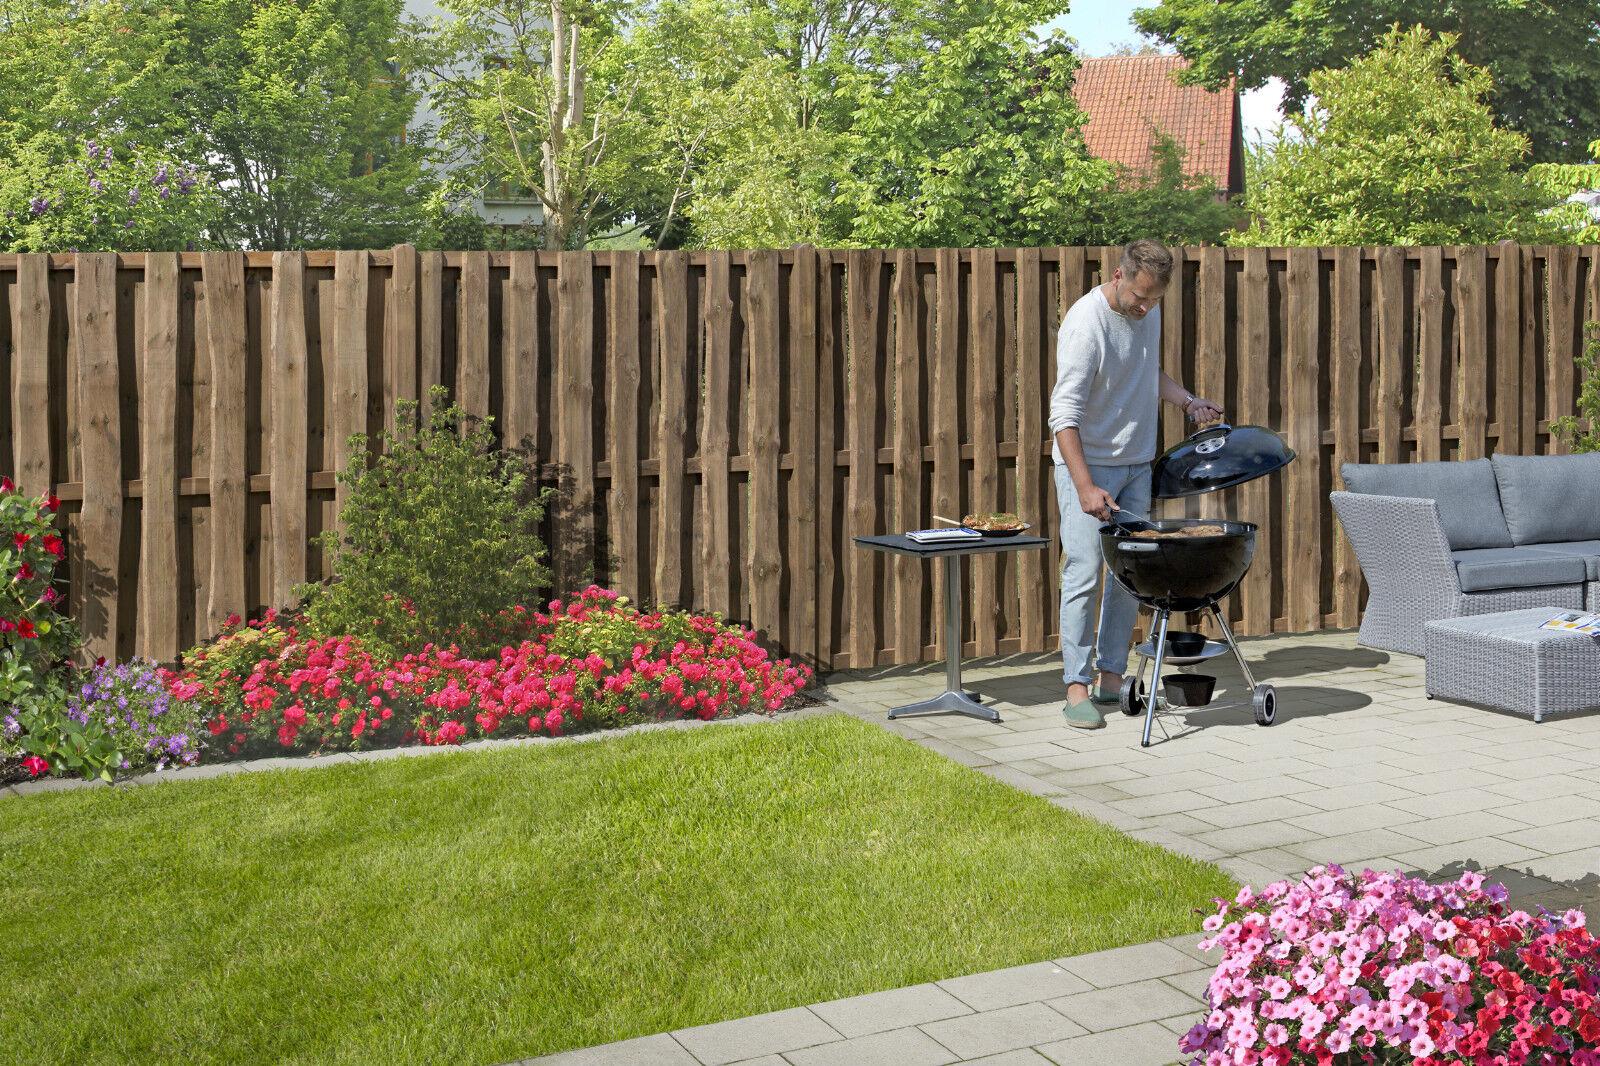 Gartenzaun Metall Sichtschutz – Küchen Design Ideen – galaxyquestfo